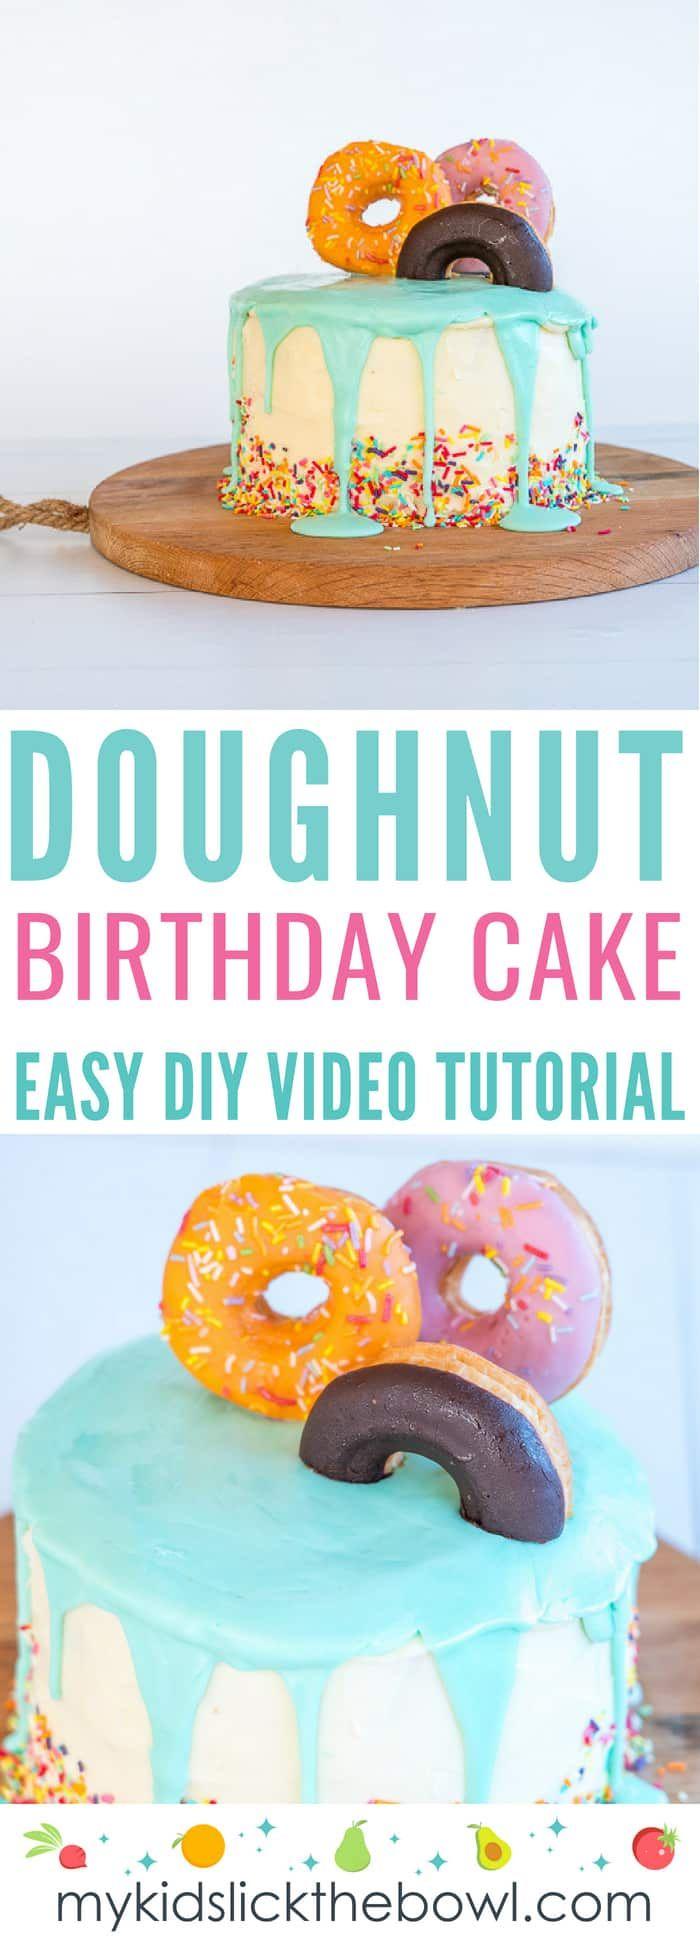 Einfache DIY Geburtstagstorte Ideen für Kinder-Video-Tutorials